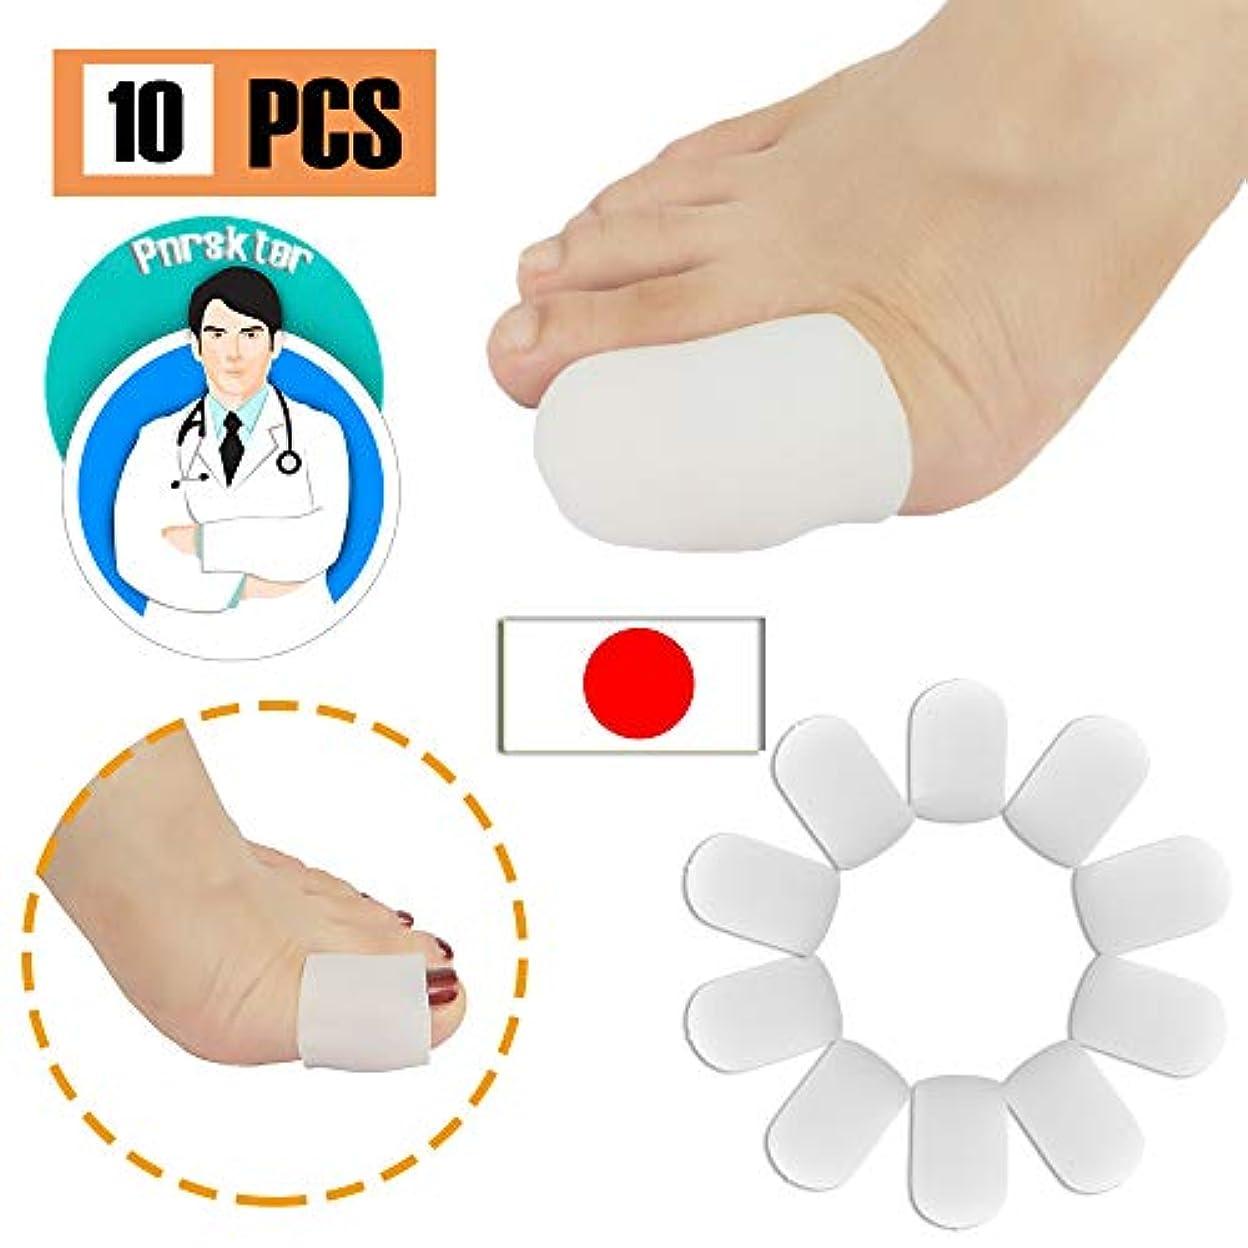 シチリア遠征オフェンスジェル 足指 足の親指 キャップ プロテクター スリーブ 新素材 水疱 ハンマートゥ 陥入爪 爪損傷 摩擦疼痛などの緩和 (足の親指用)(10個入り)